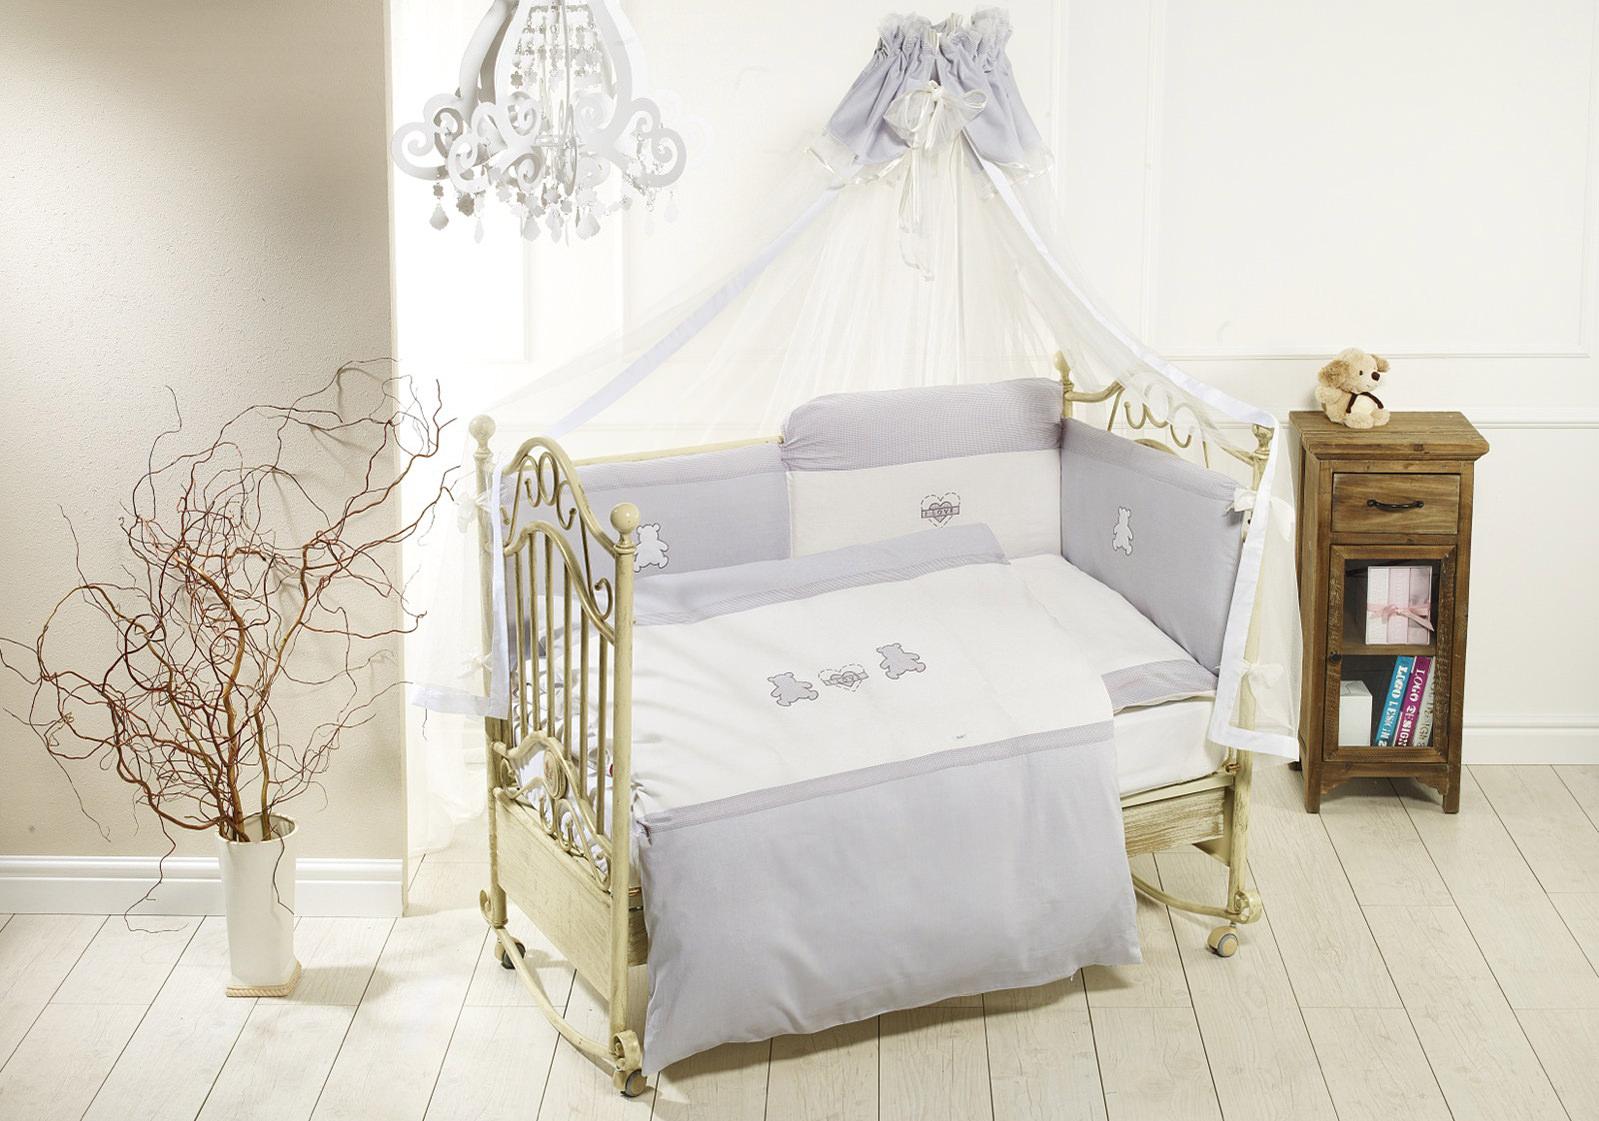 Комплект постельного белья Orsetti лонг, 6 предметов, бело-серыйДетское постельное белье<br>Комплект постельного белья Orsetti лонг, 6 предметов, бело-серый<br>